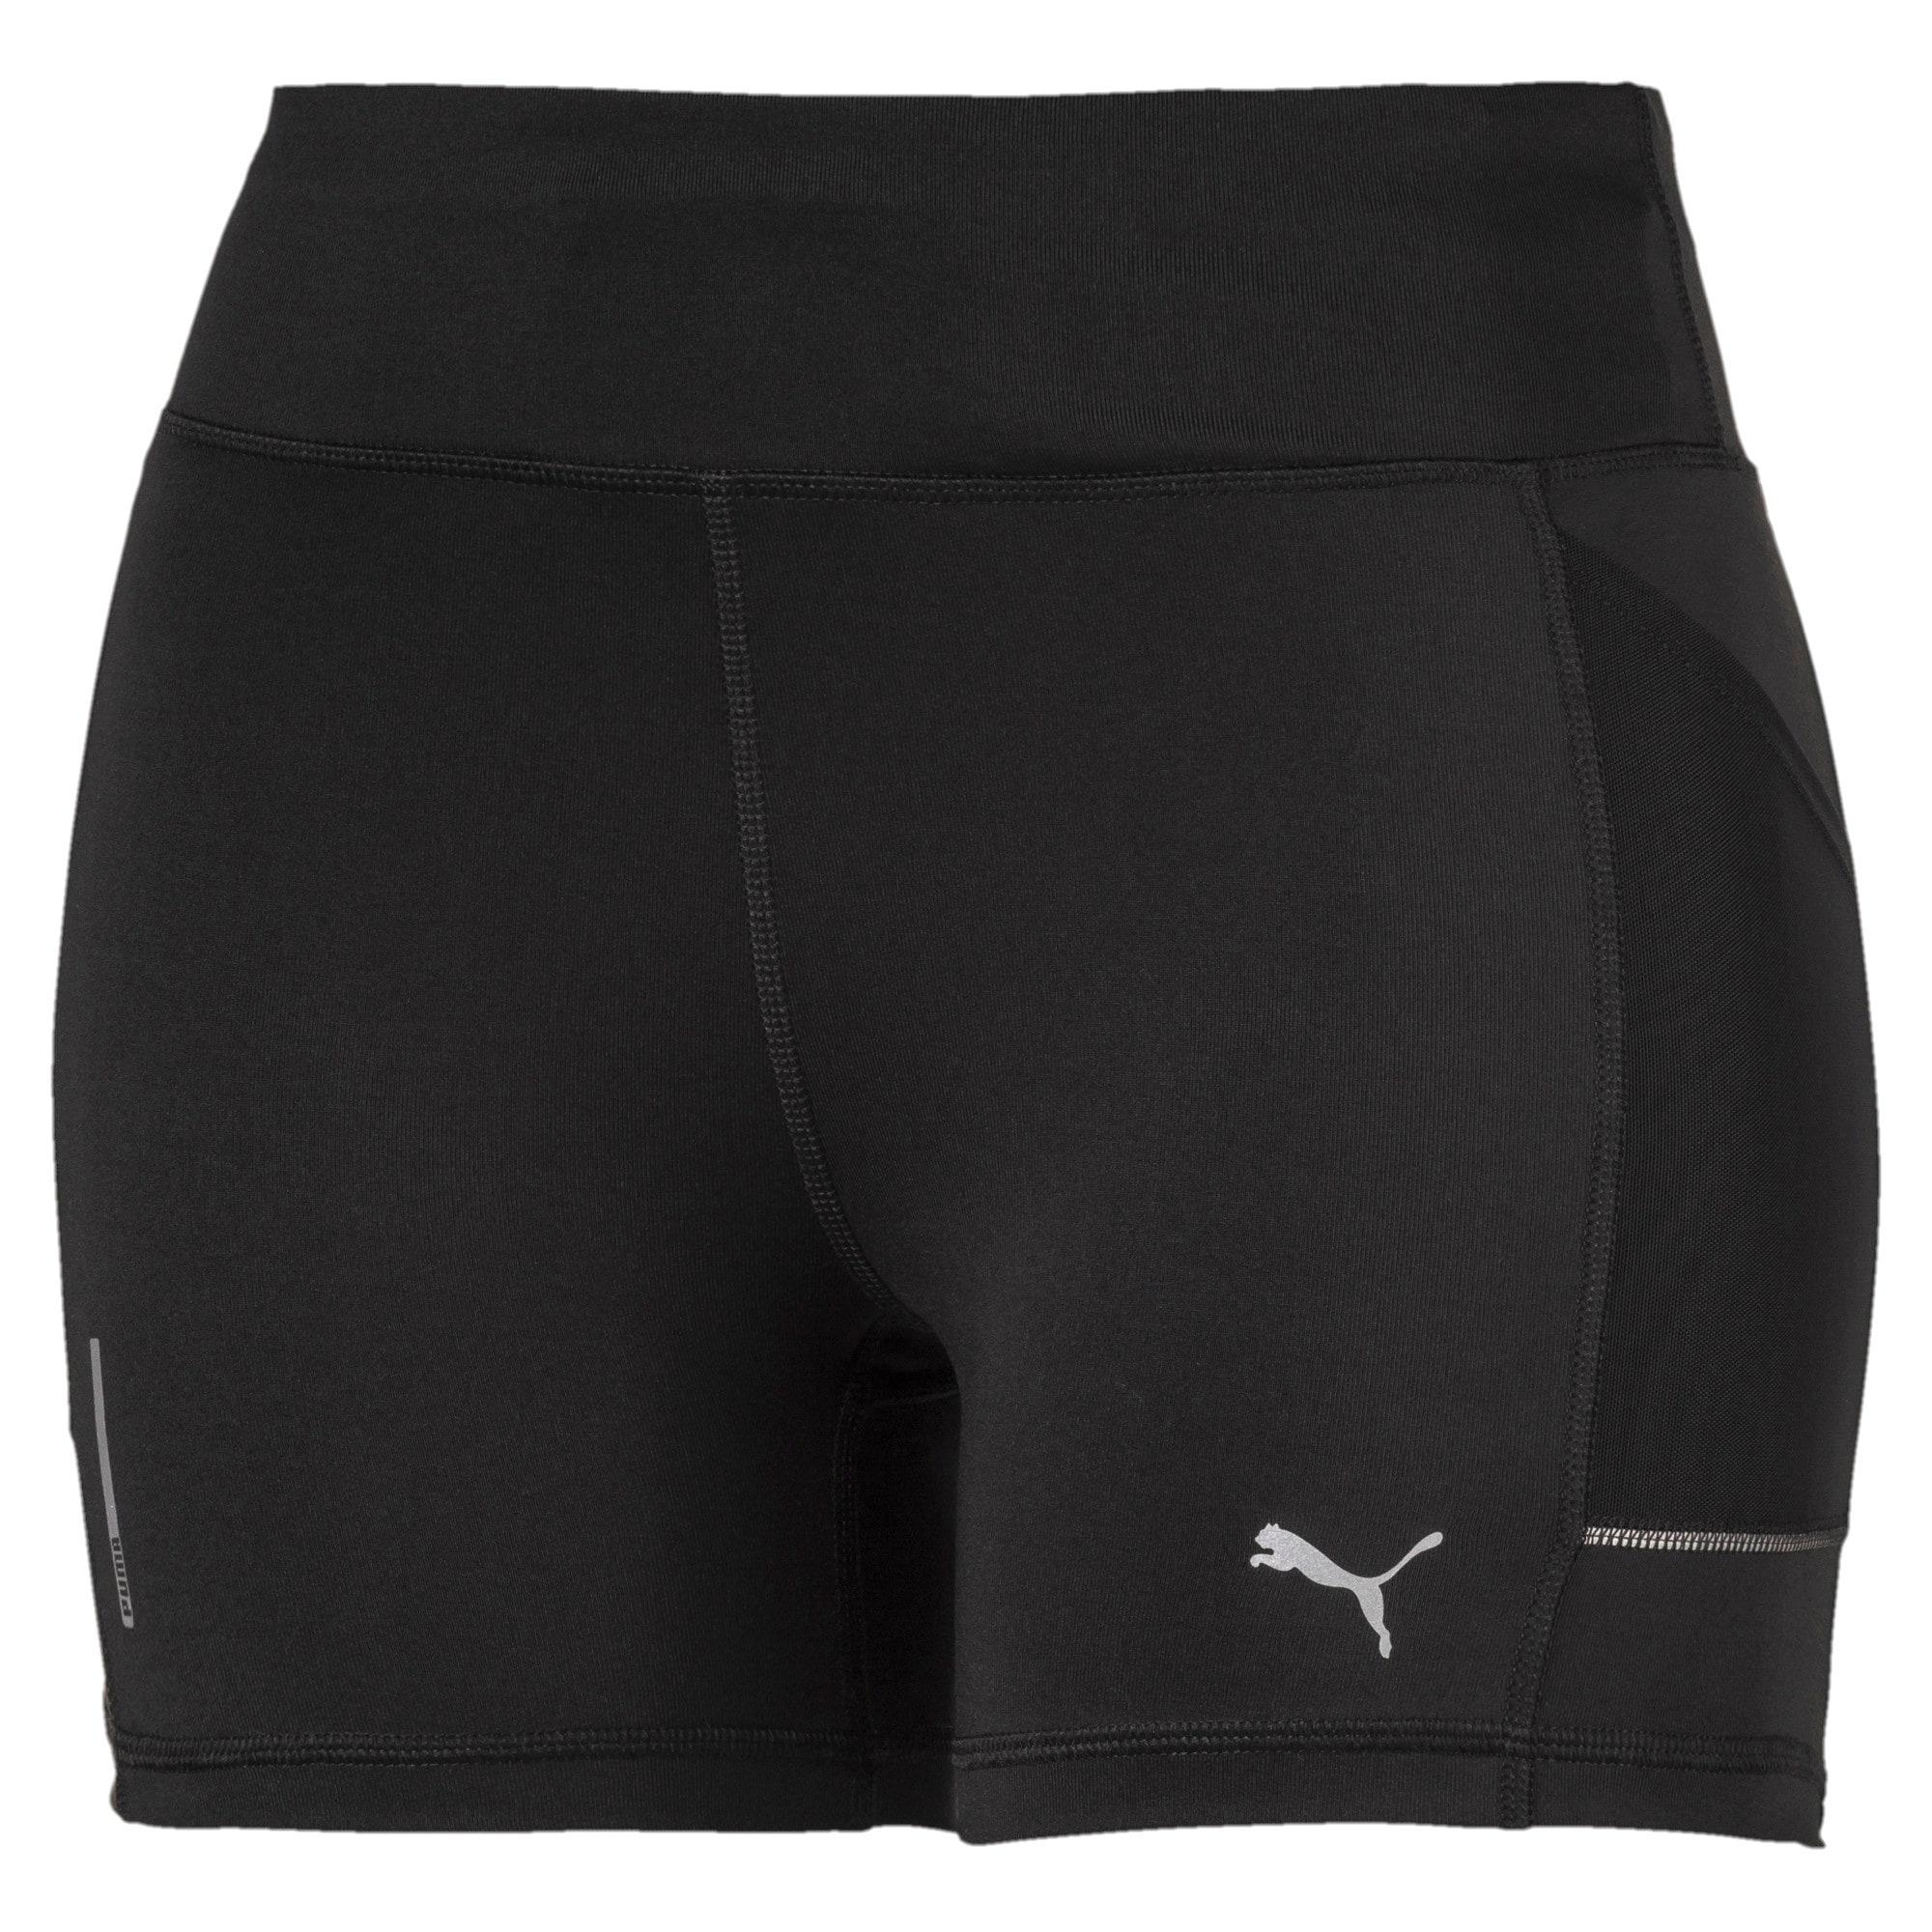 Thumbnail 4 of IGNITE Tight Women's Running Shorts, Puma Black, medium